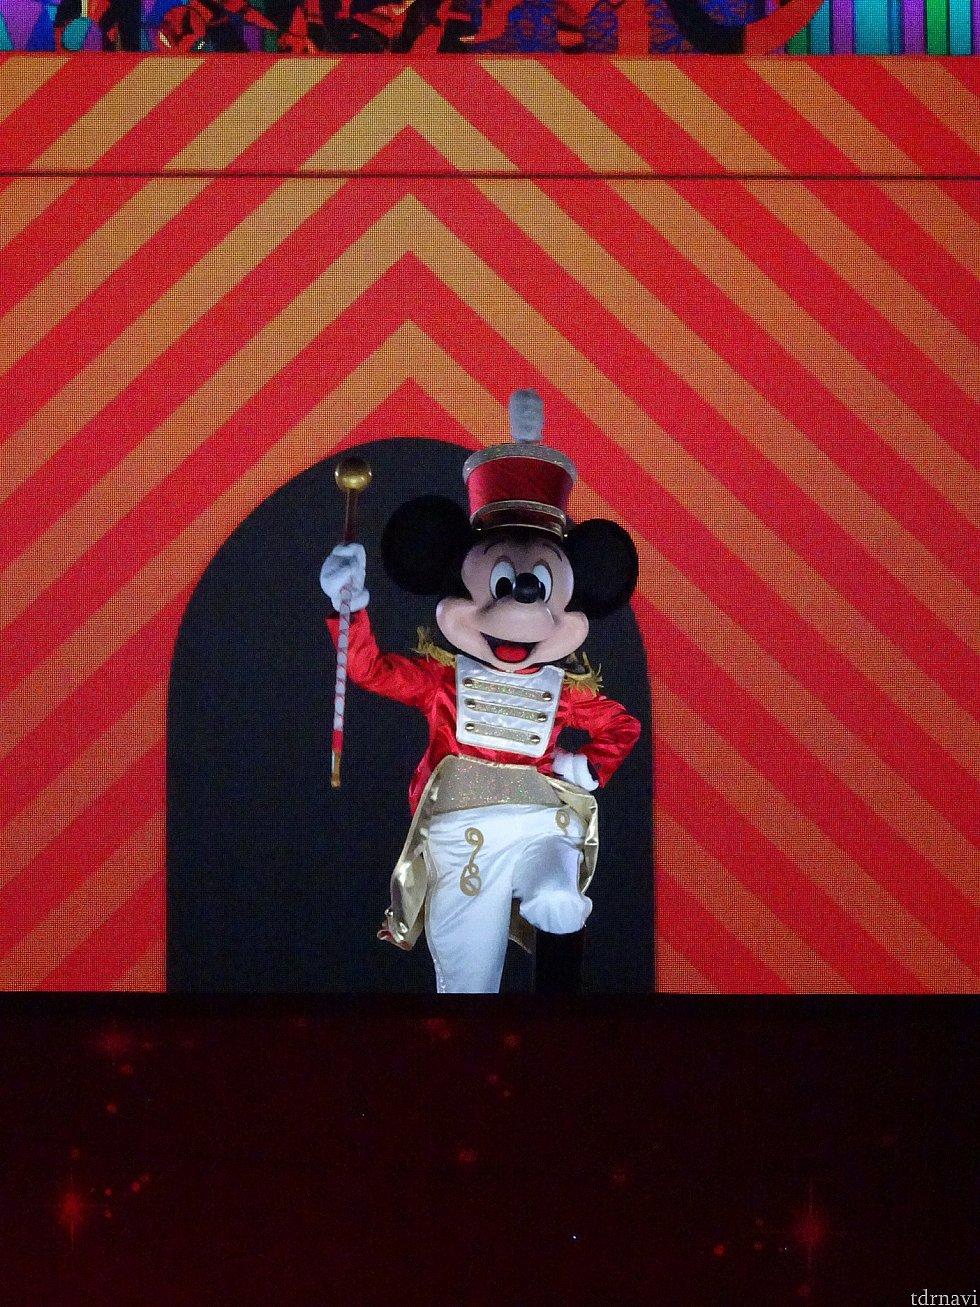 プレゼントが出来上がると、くるみ割り人形でミッキーが登場